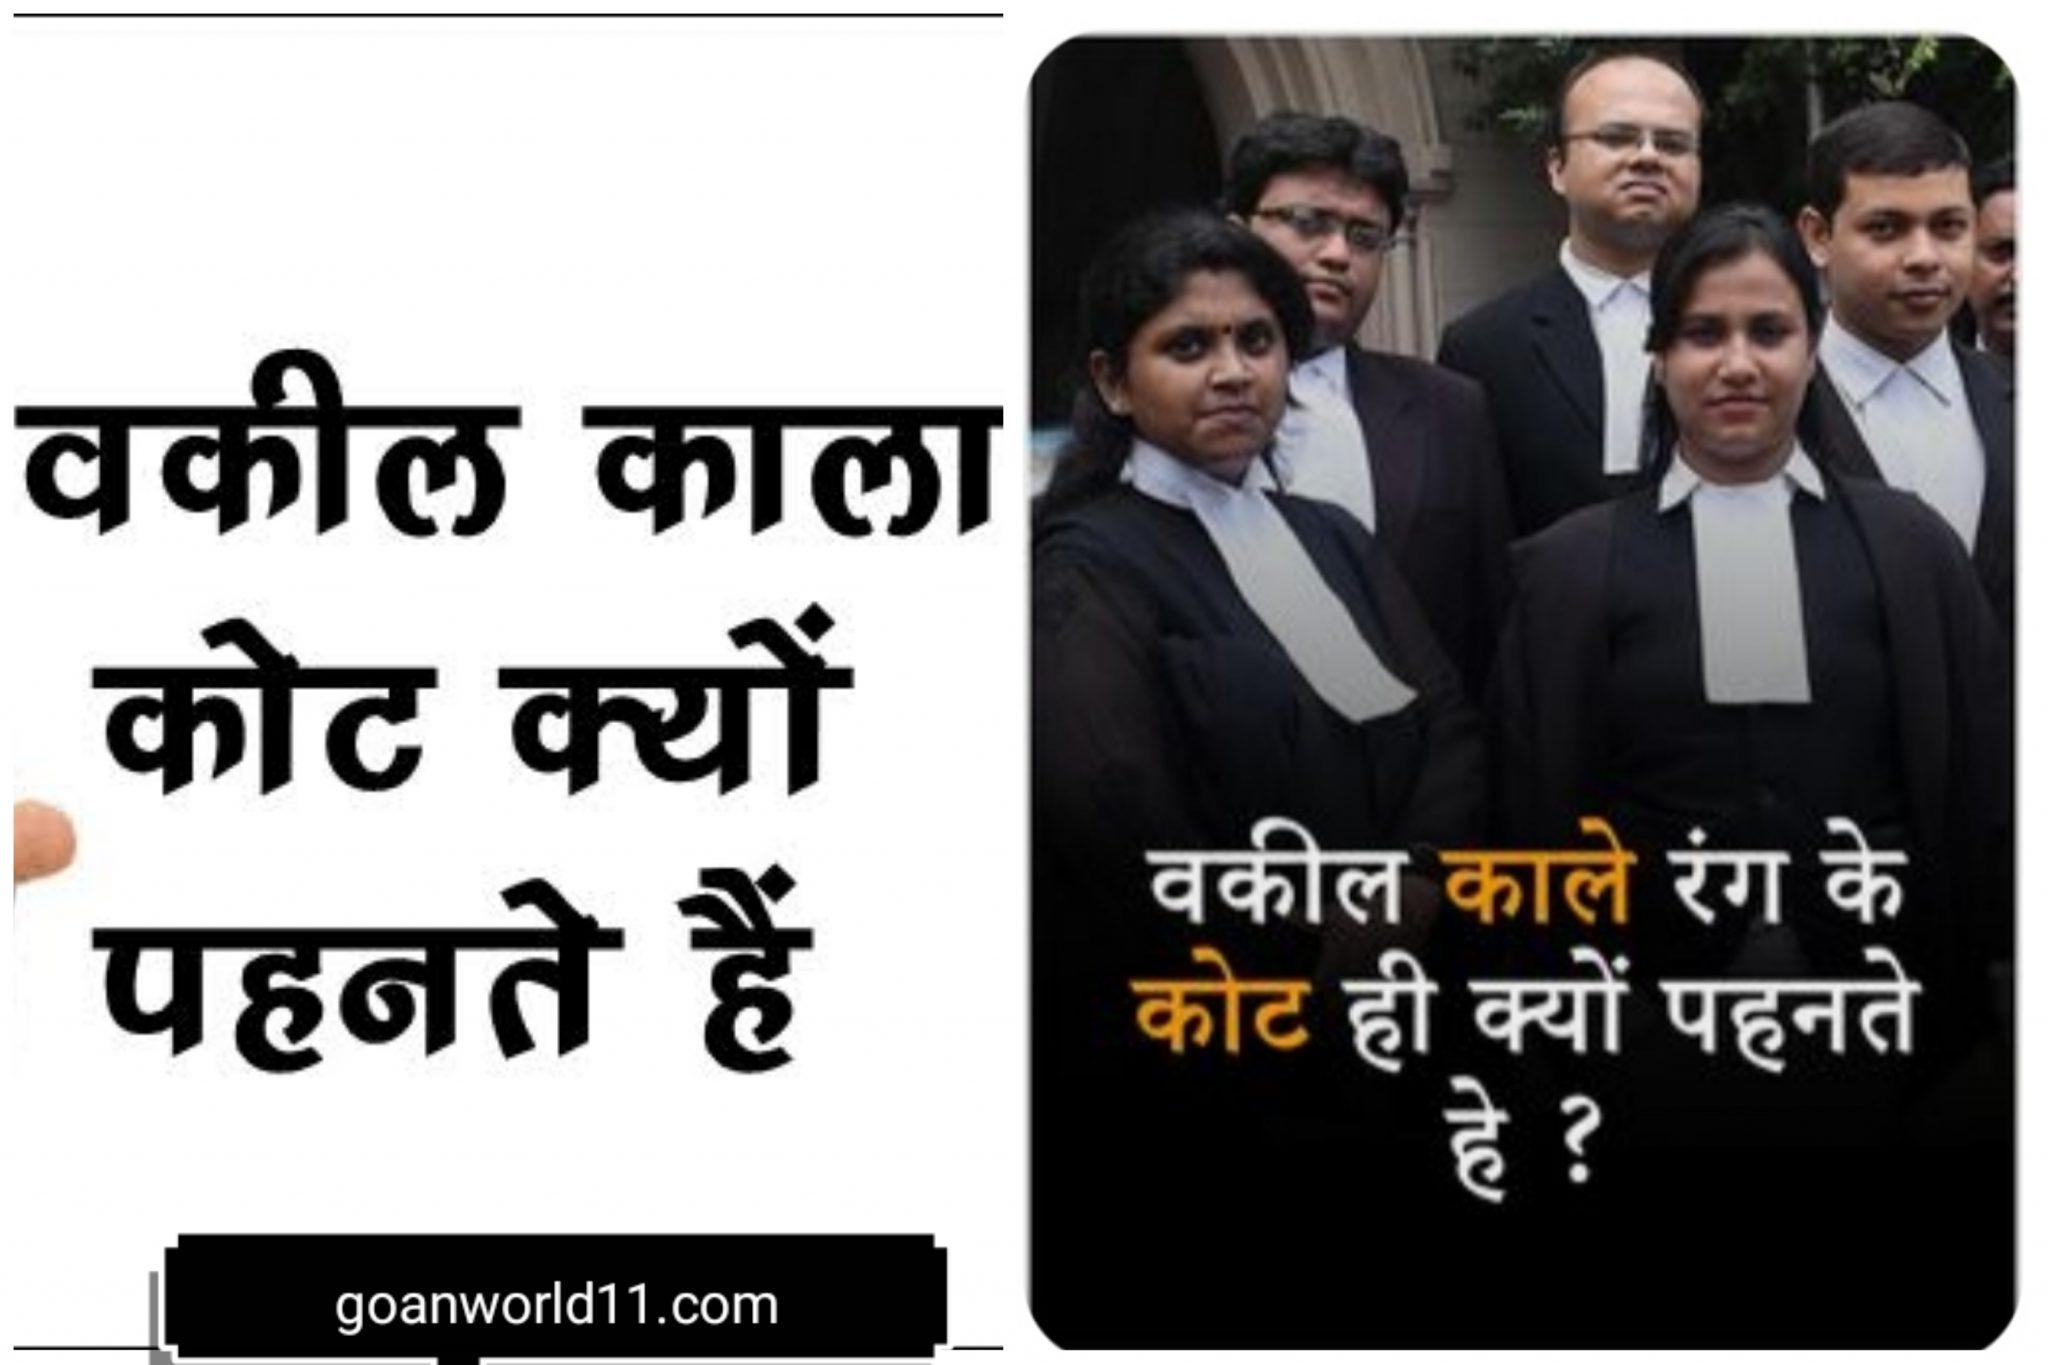 वकील काले रंग के कोट ही क्यों पहनते है?